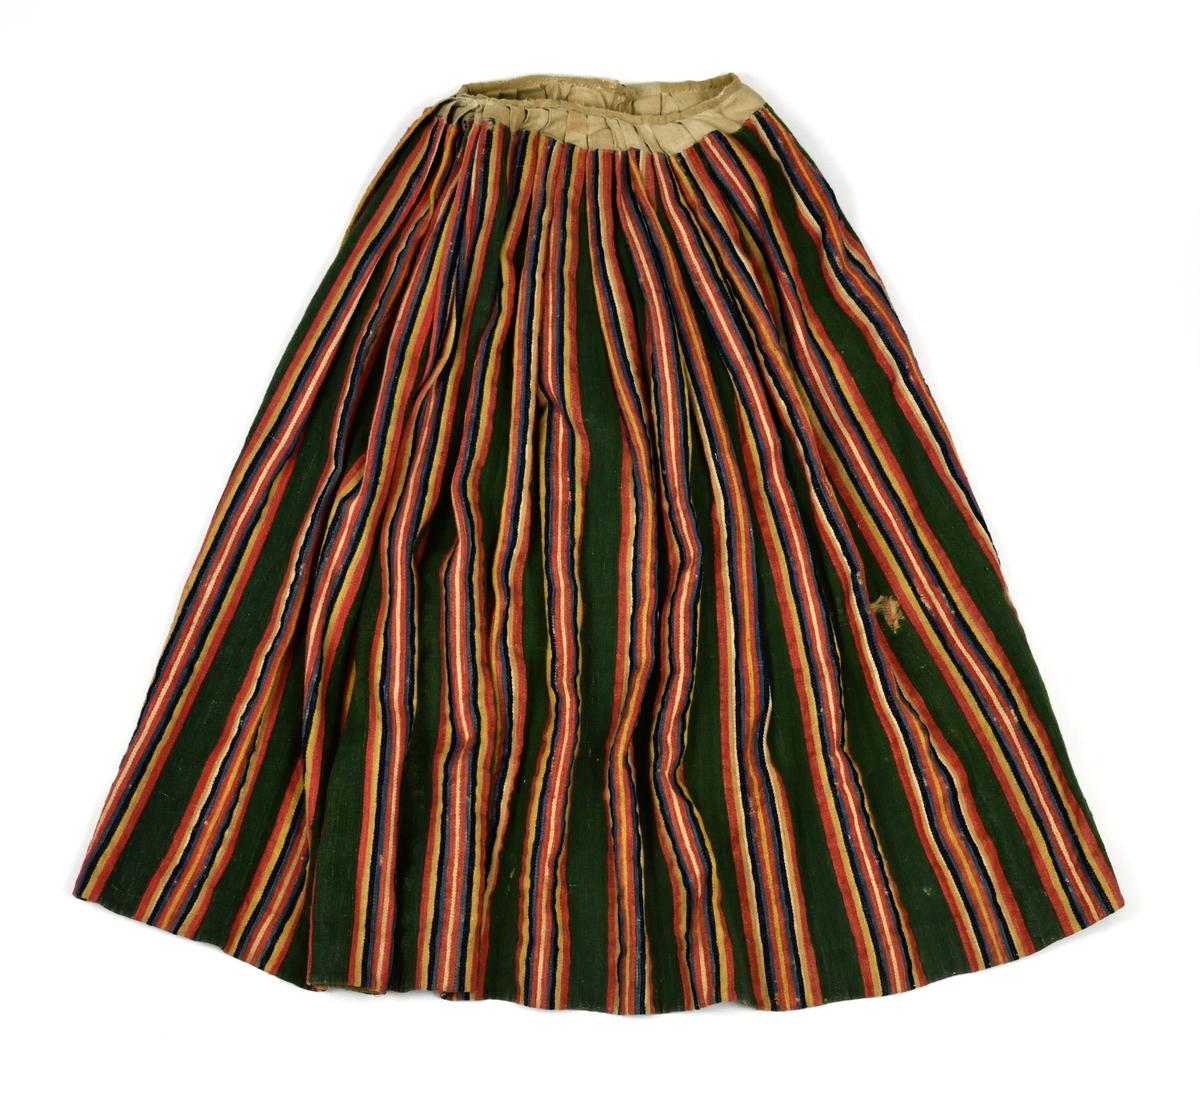 Yllekjol med röda, gula, blå, svarta och vita ränder på grön botten.